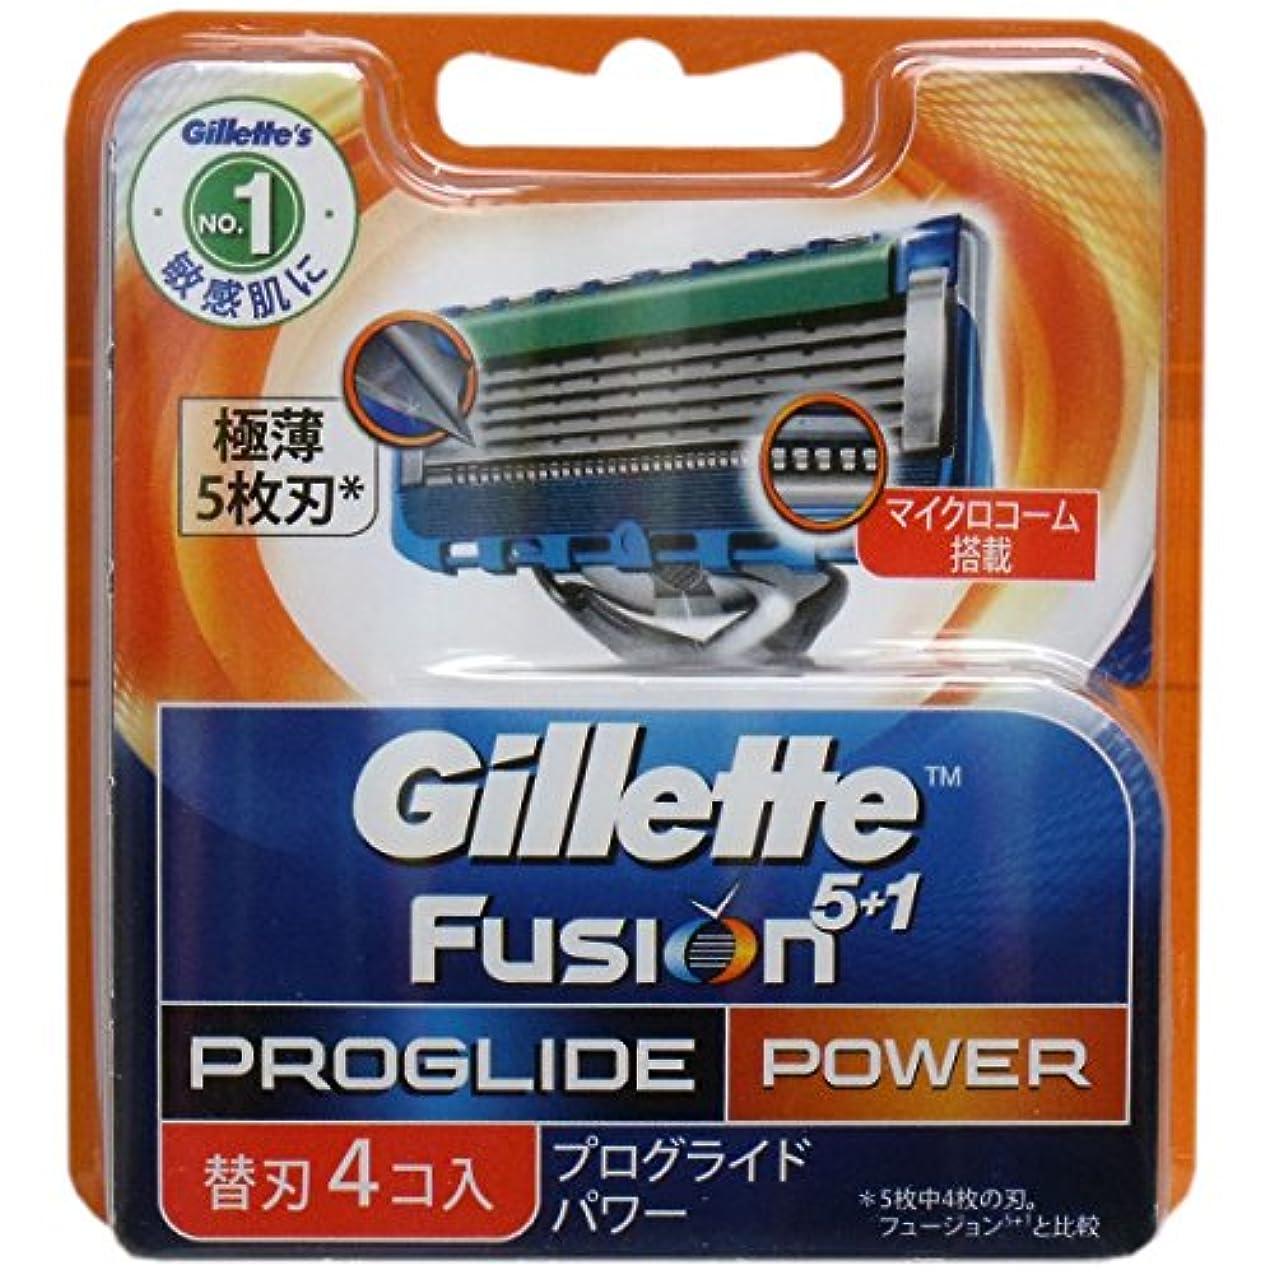 アシストに賛成誘惑するジレット フュージョン プログライド パワー 替刃 4個入×2個セット